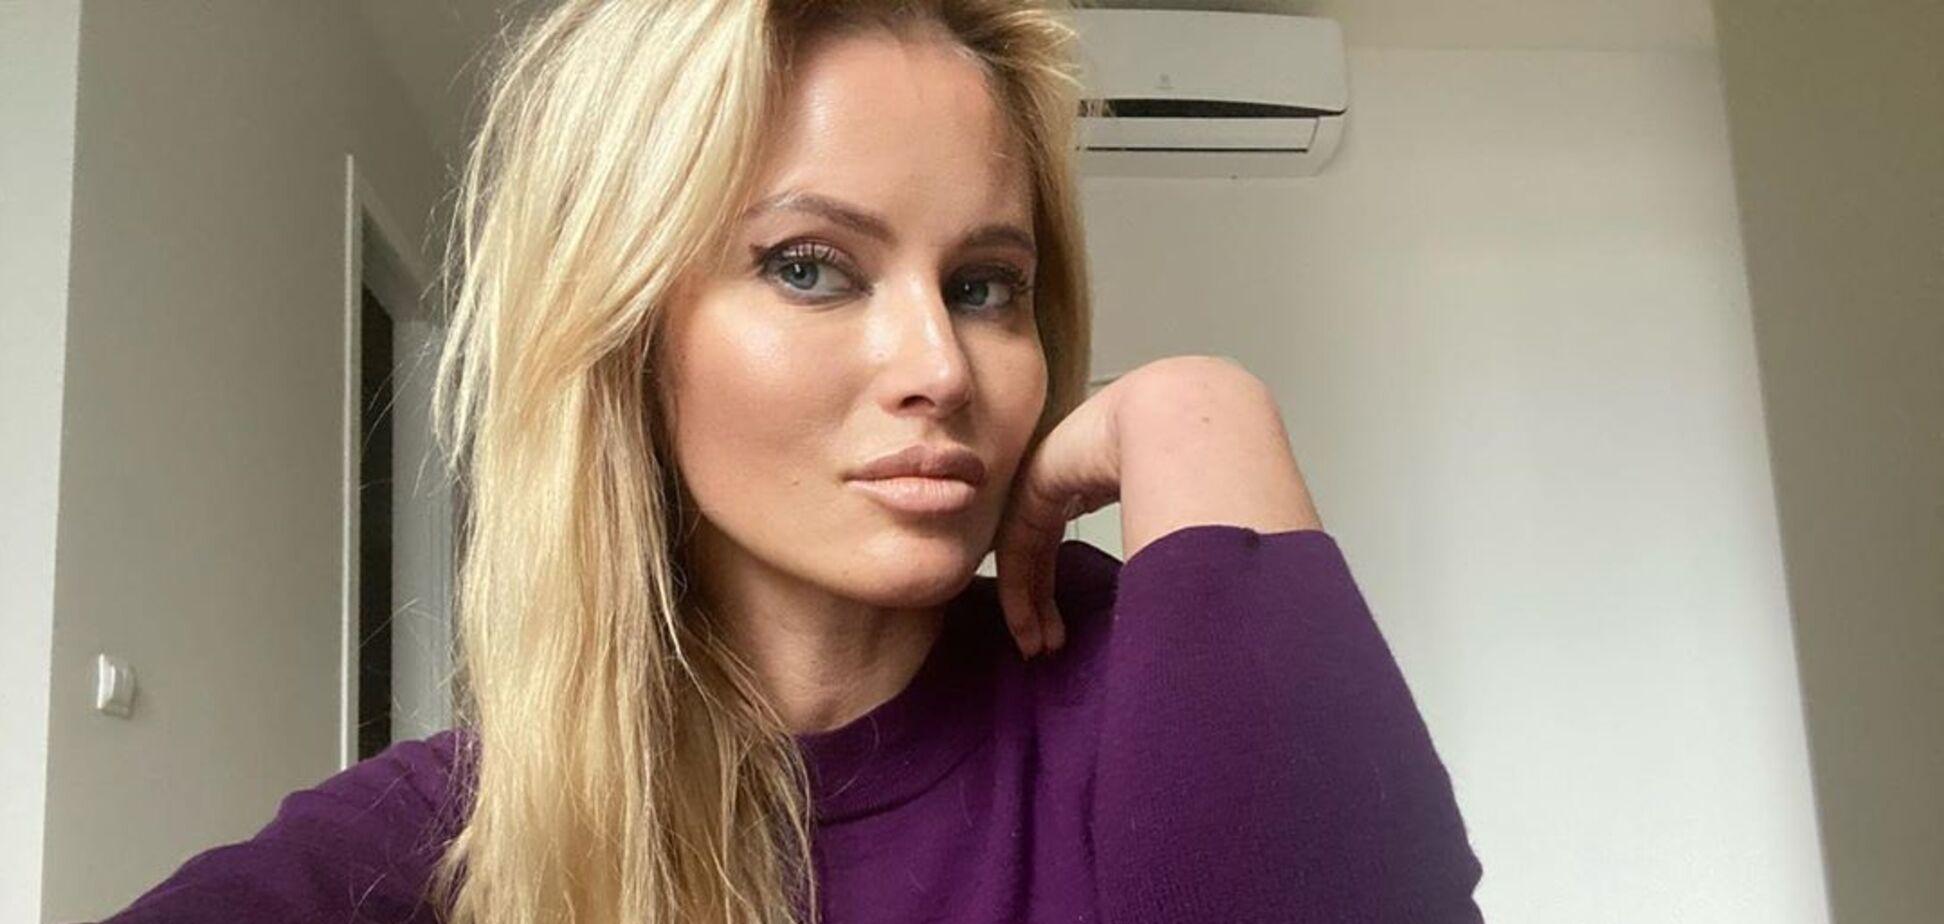 Борисова хотела специально заразиться коронавирусом